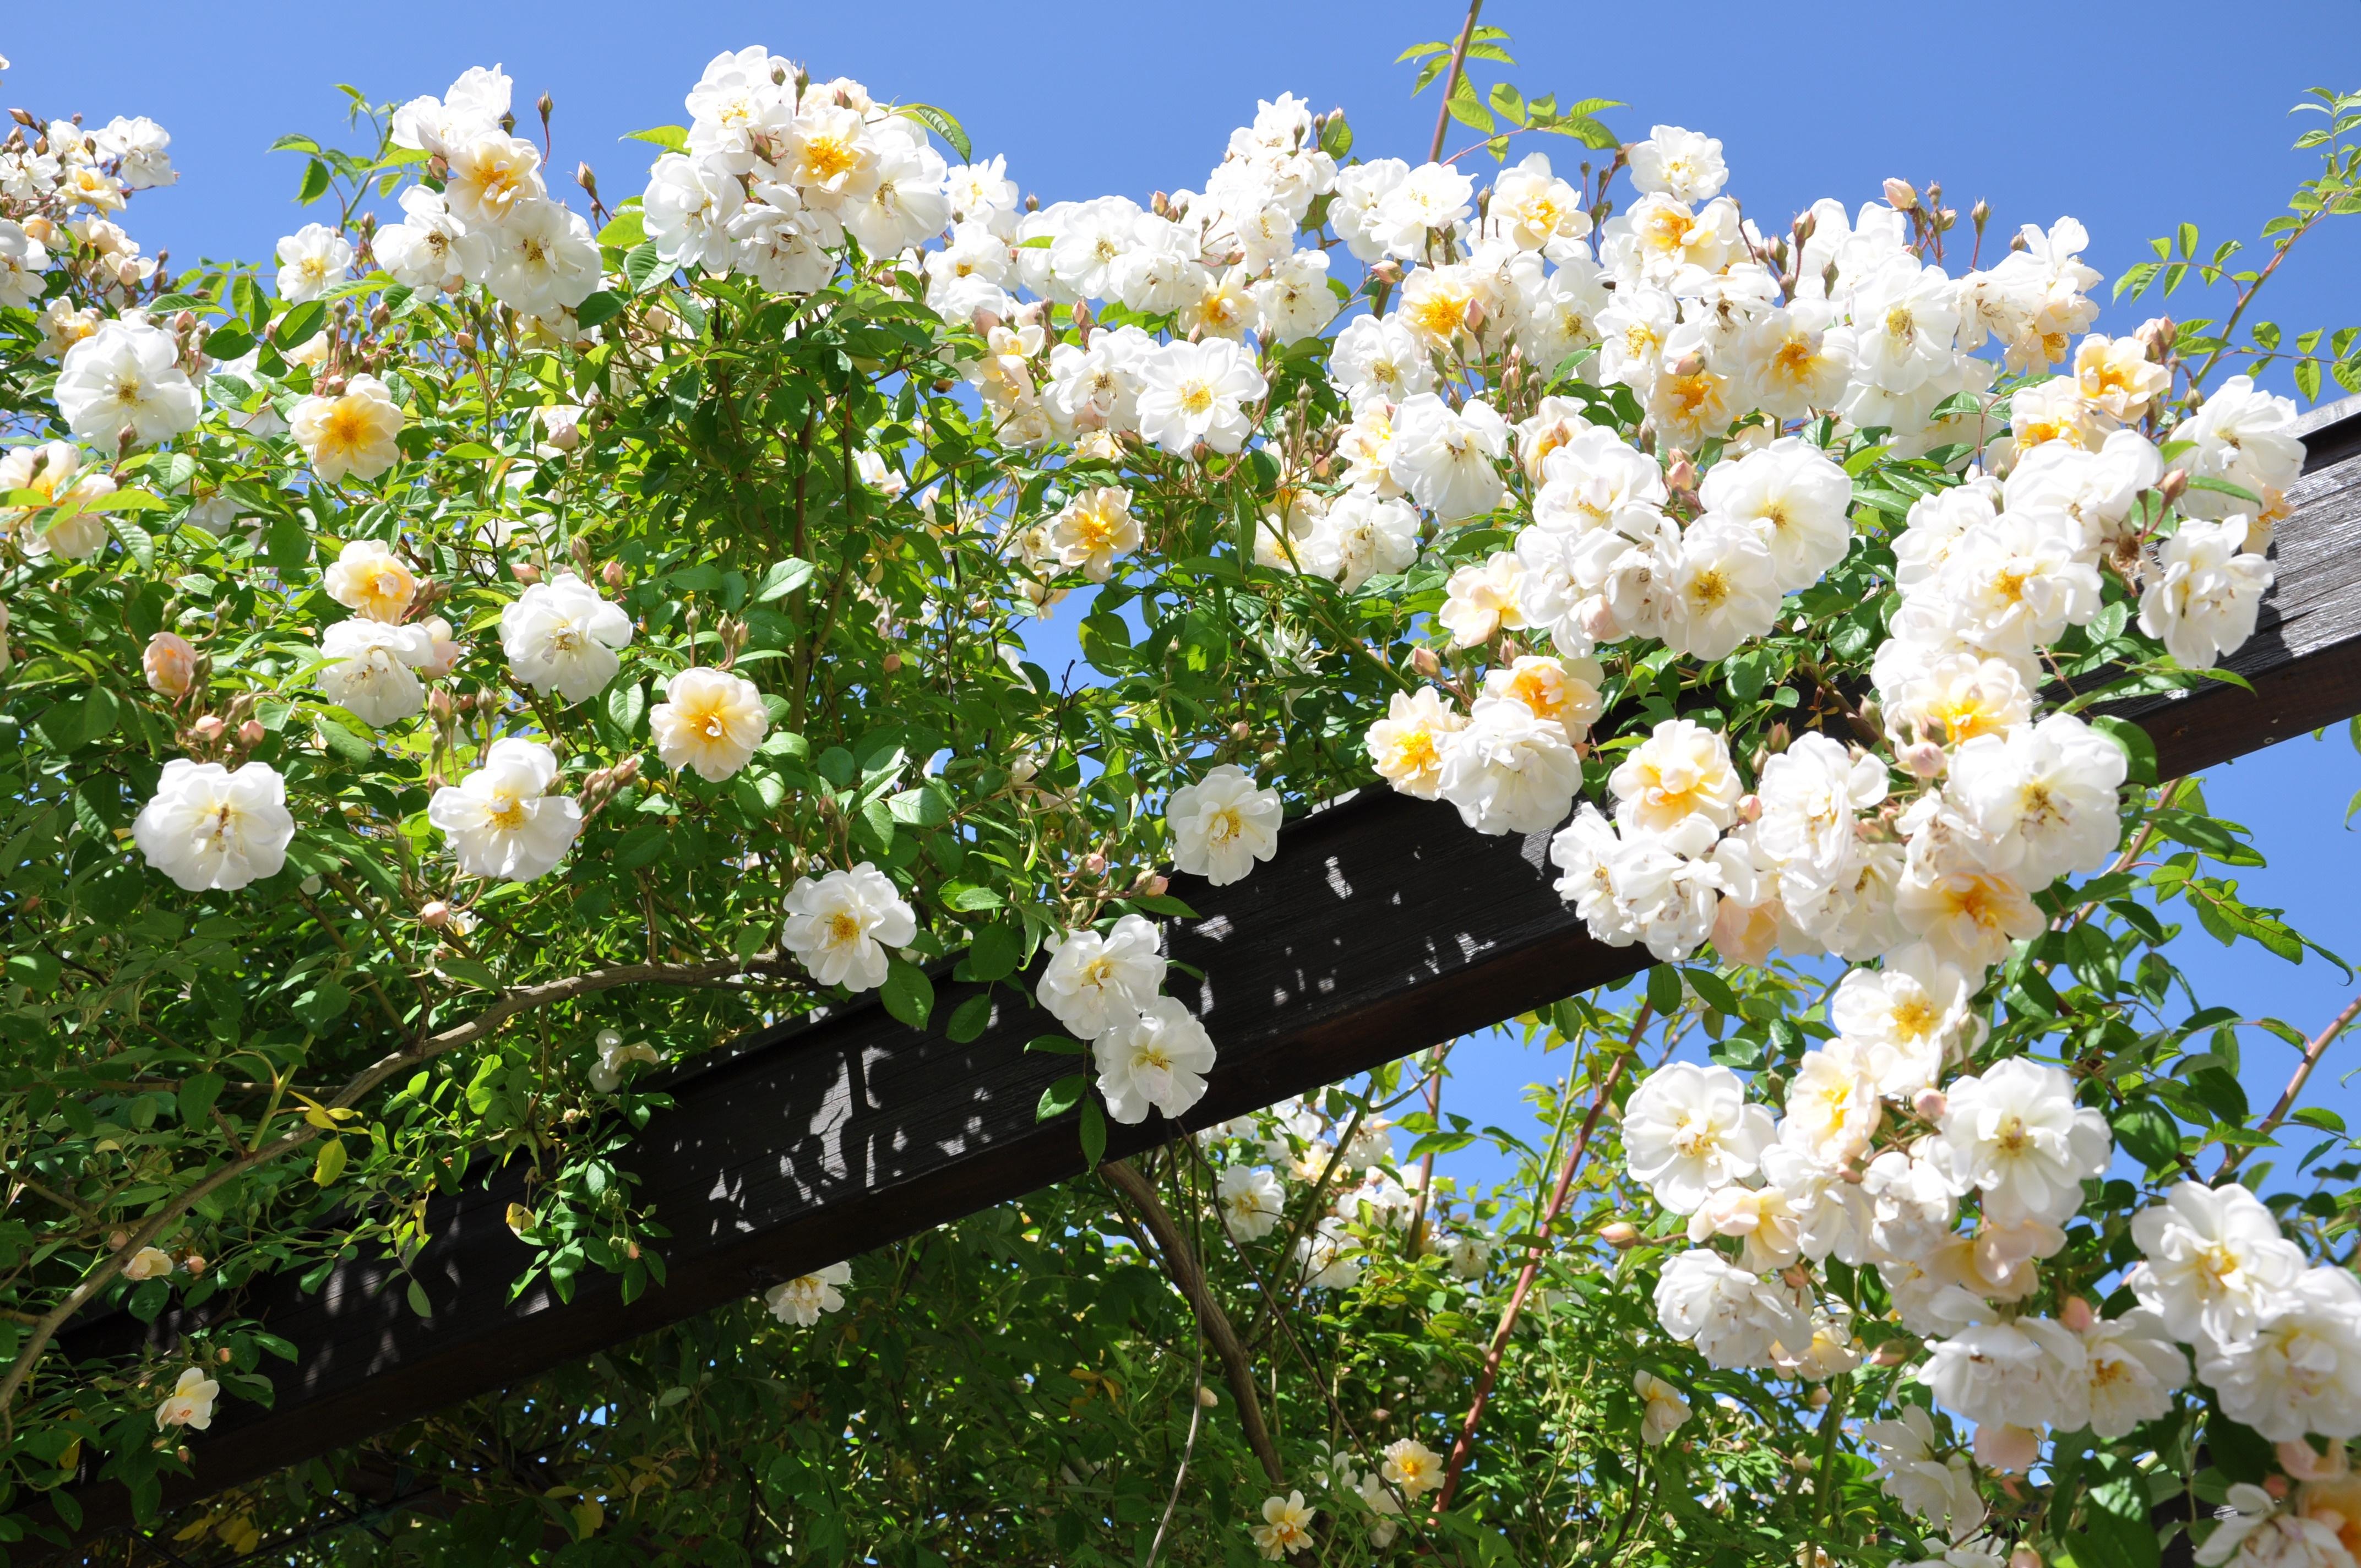 Fotos Gratis Rama Cielo Blanco Florecer Rosa Botanica Flora